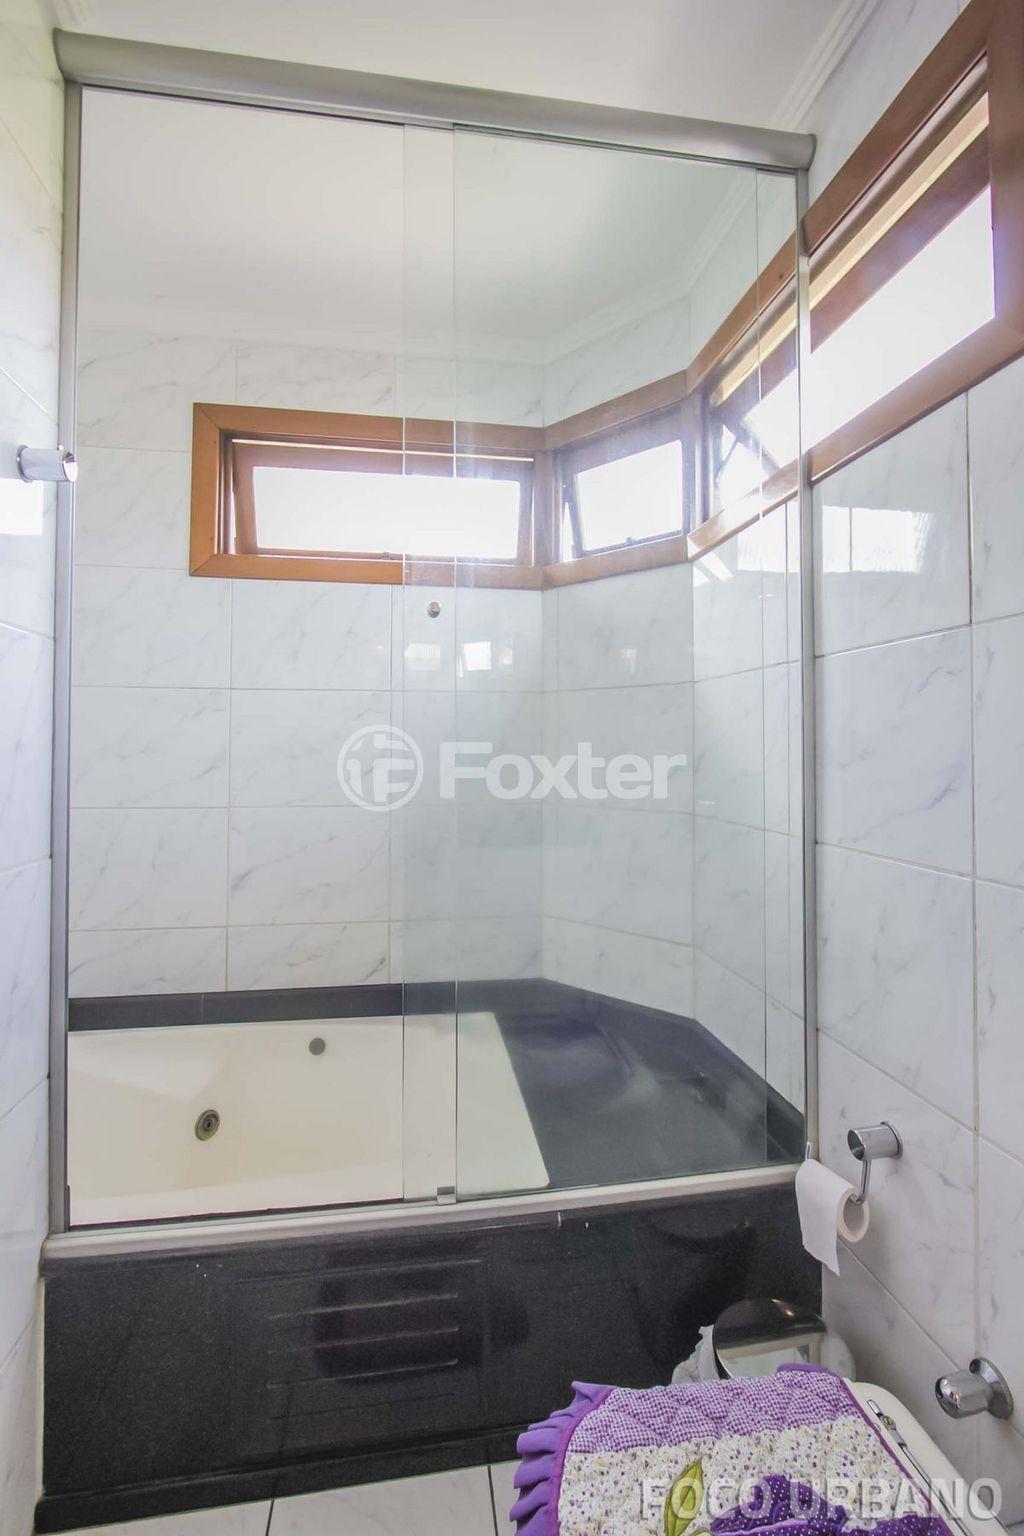 Foxter Imobiliária - Cobertura 3 Dorm (131617) - Foto 22